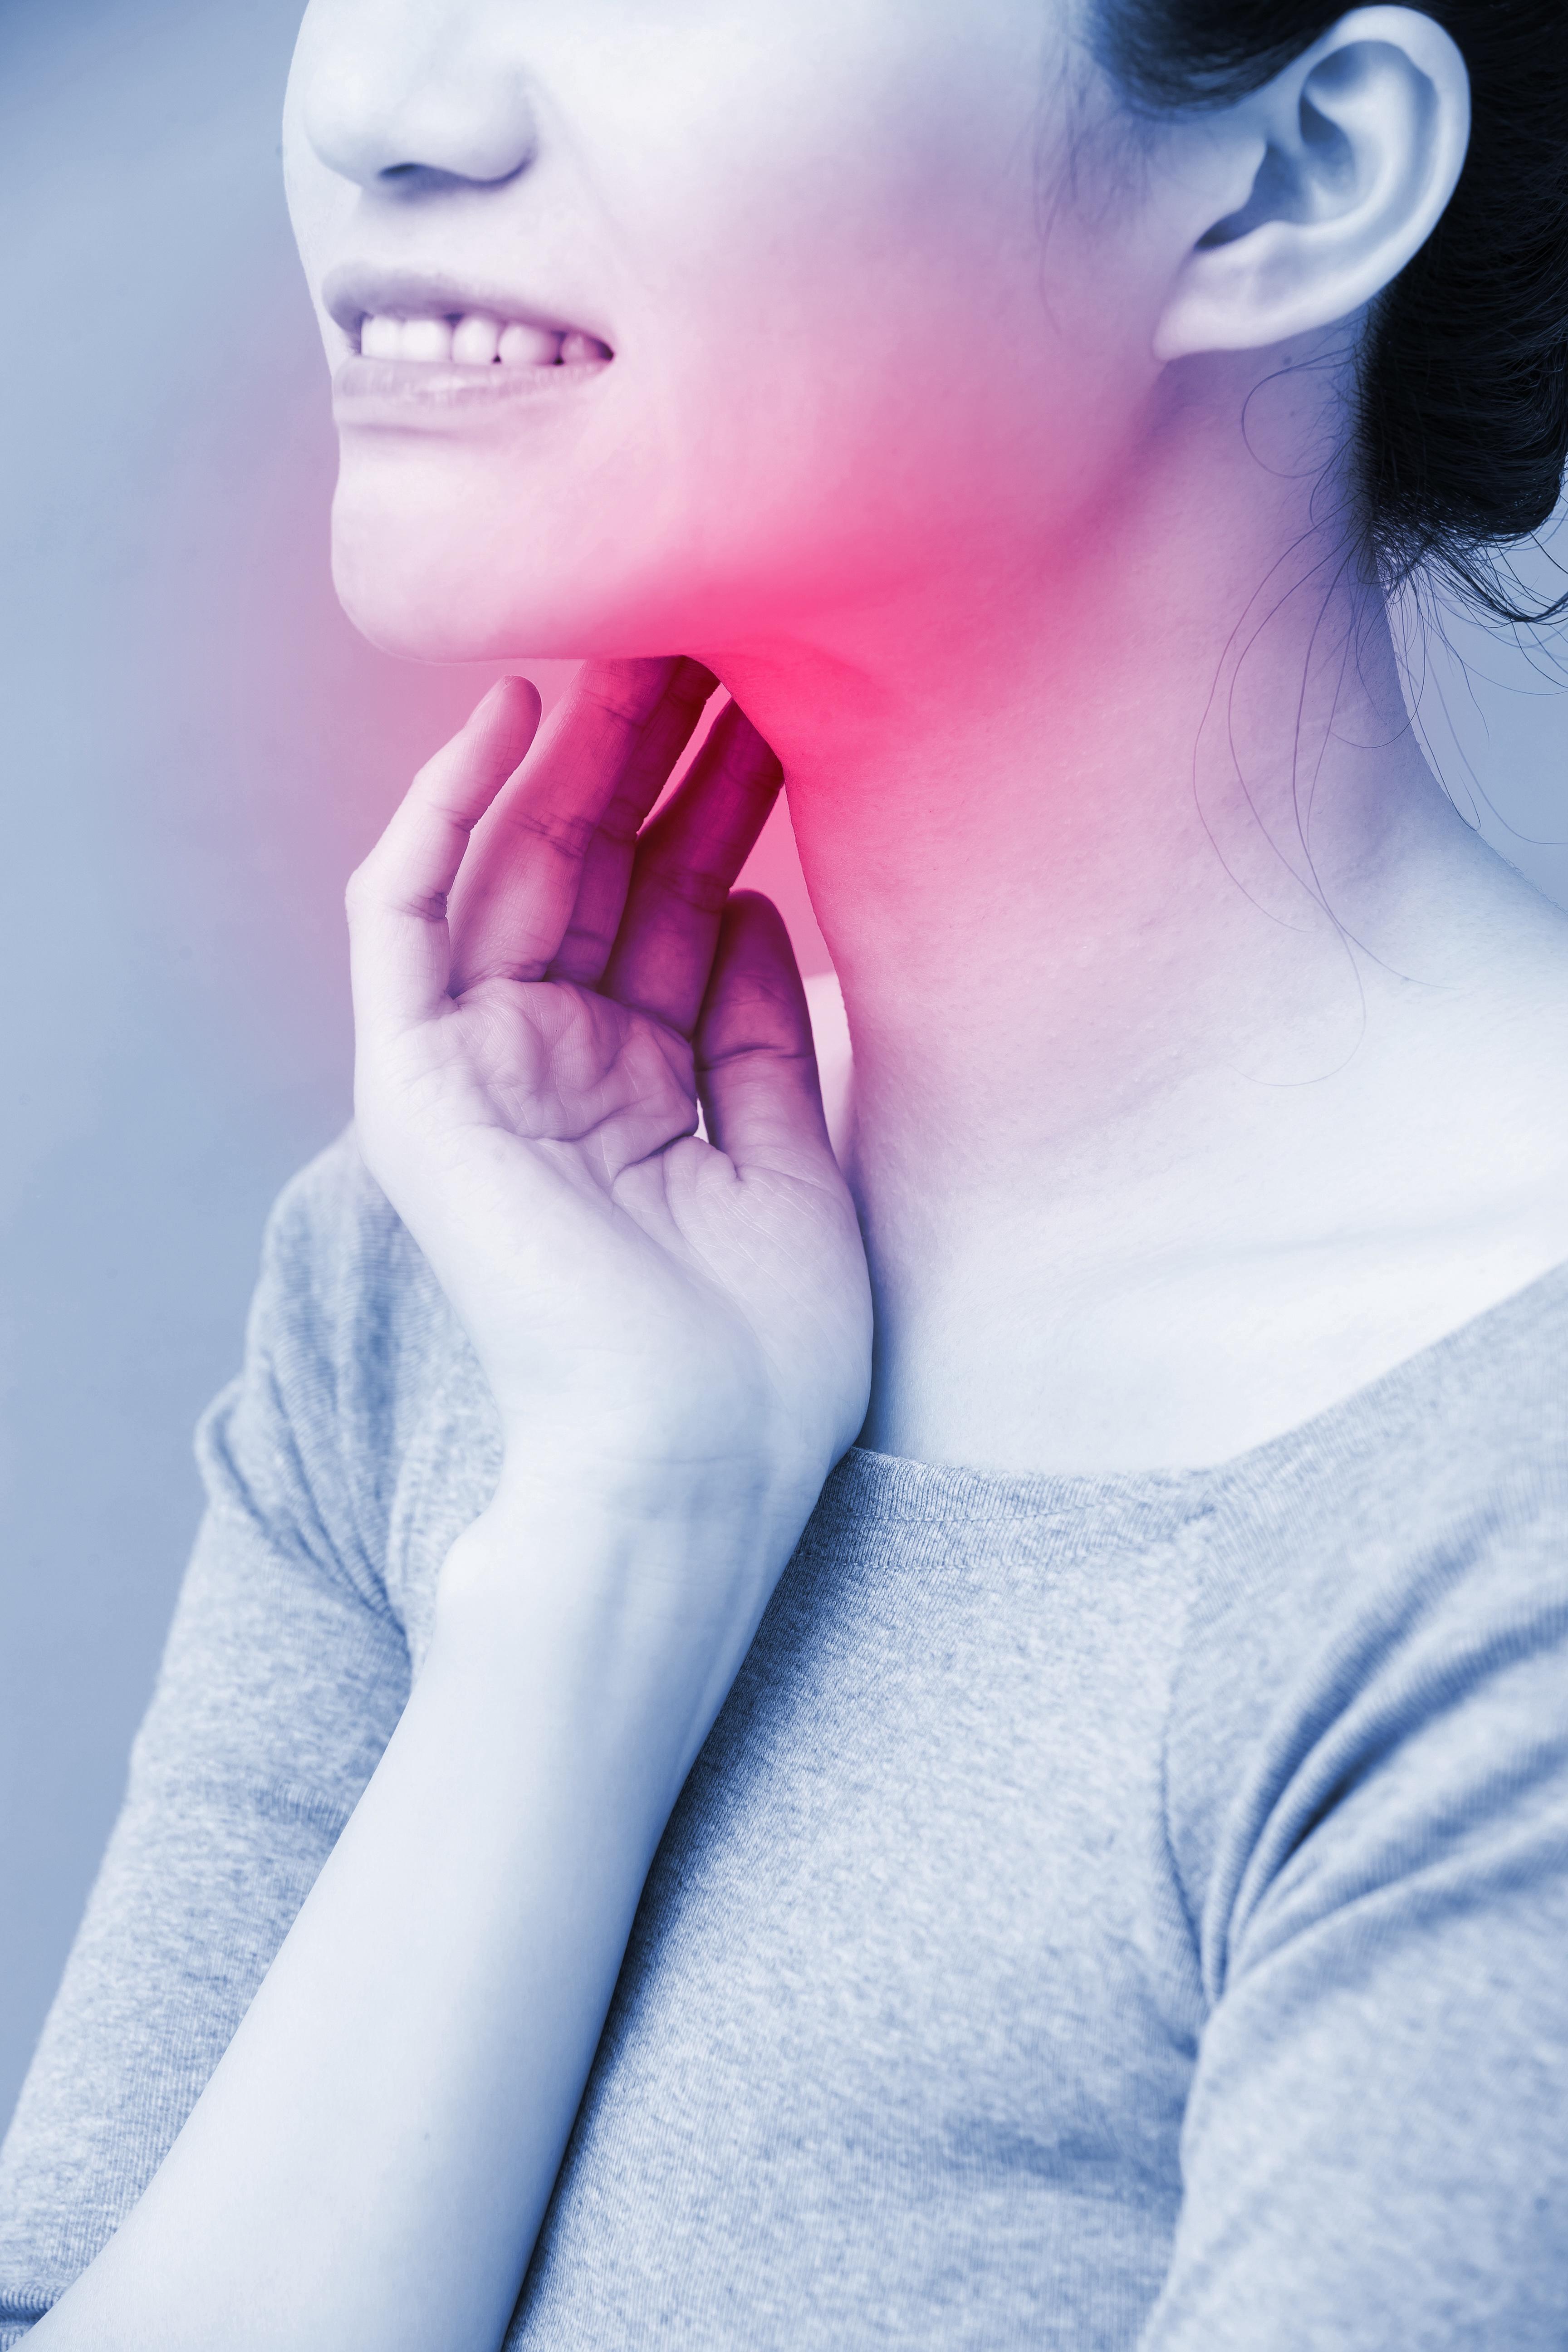 甲状腺癌诊治体会